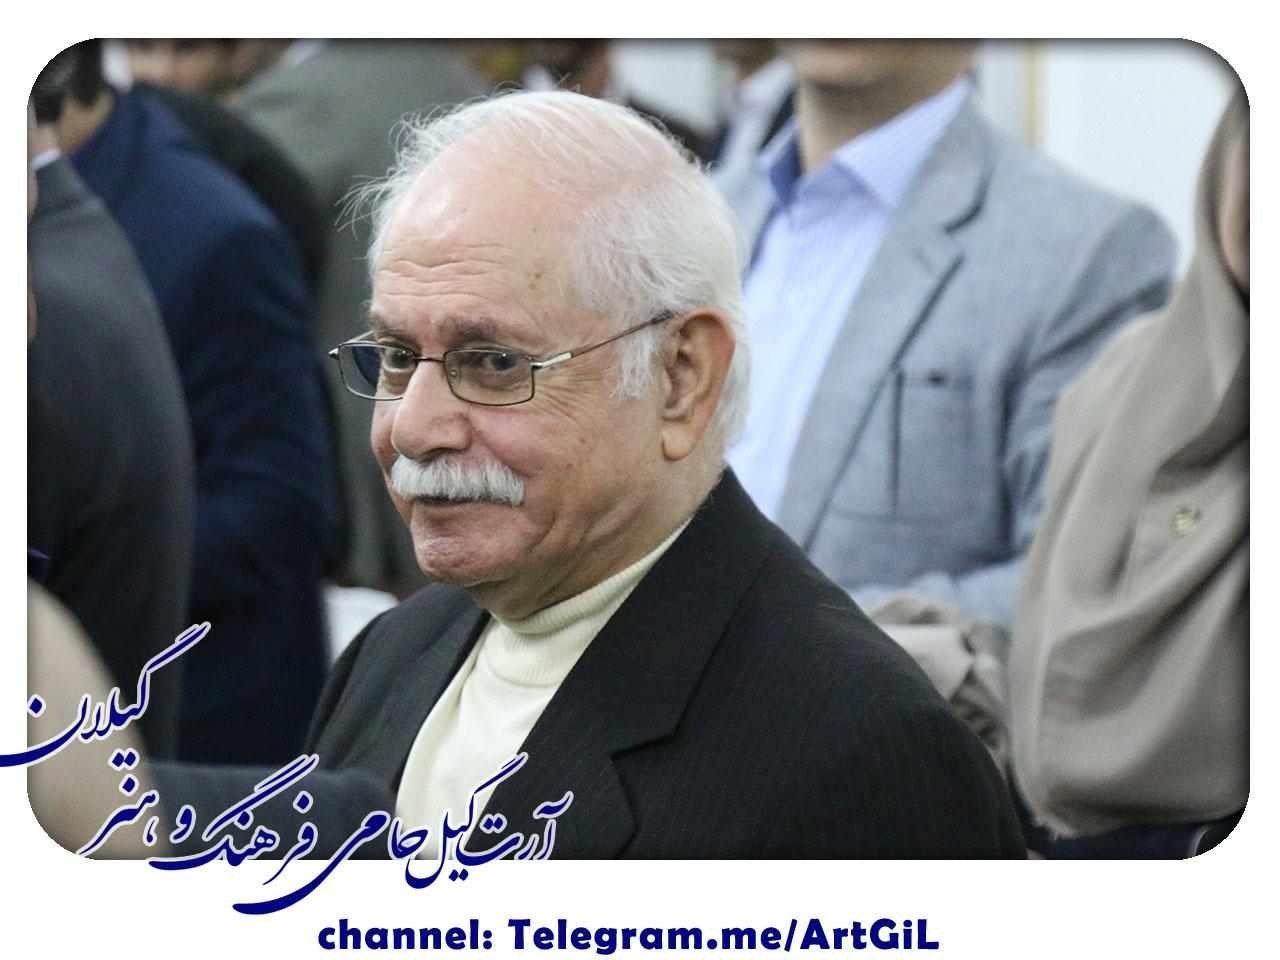 بیوگرافی استاد ناصر مسعودی